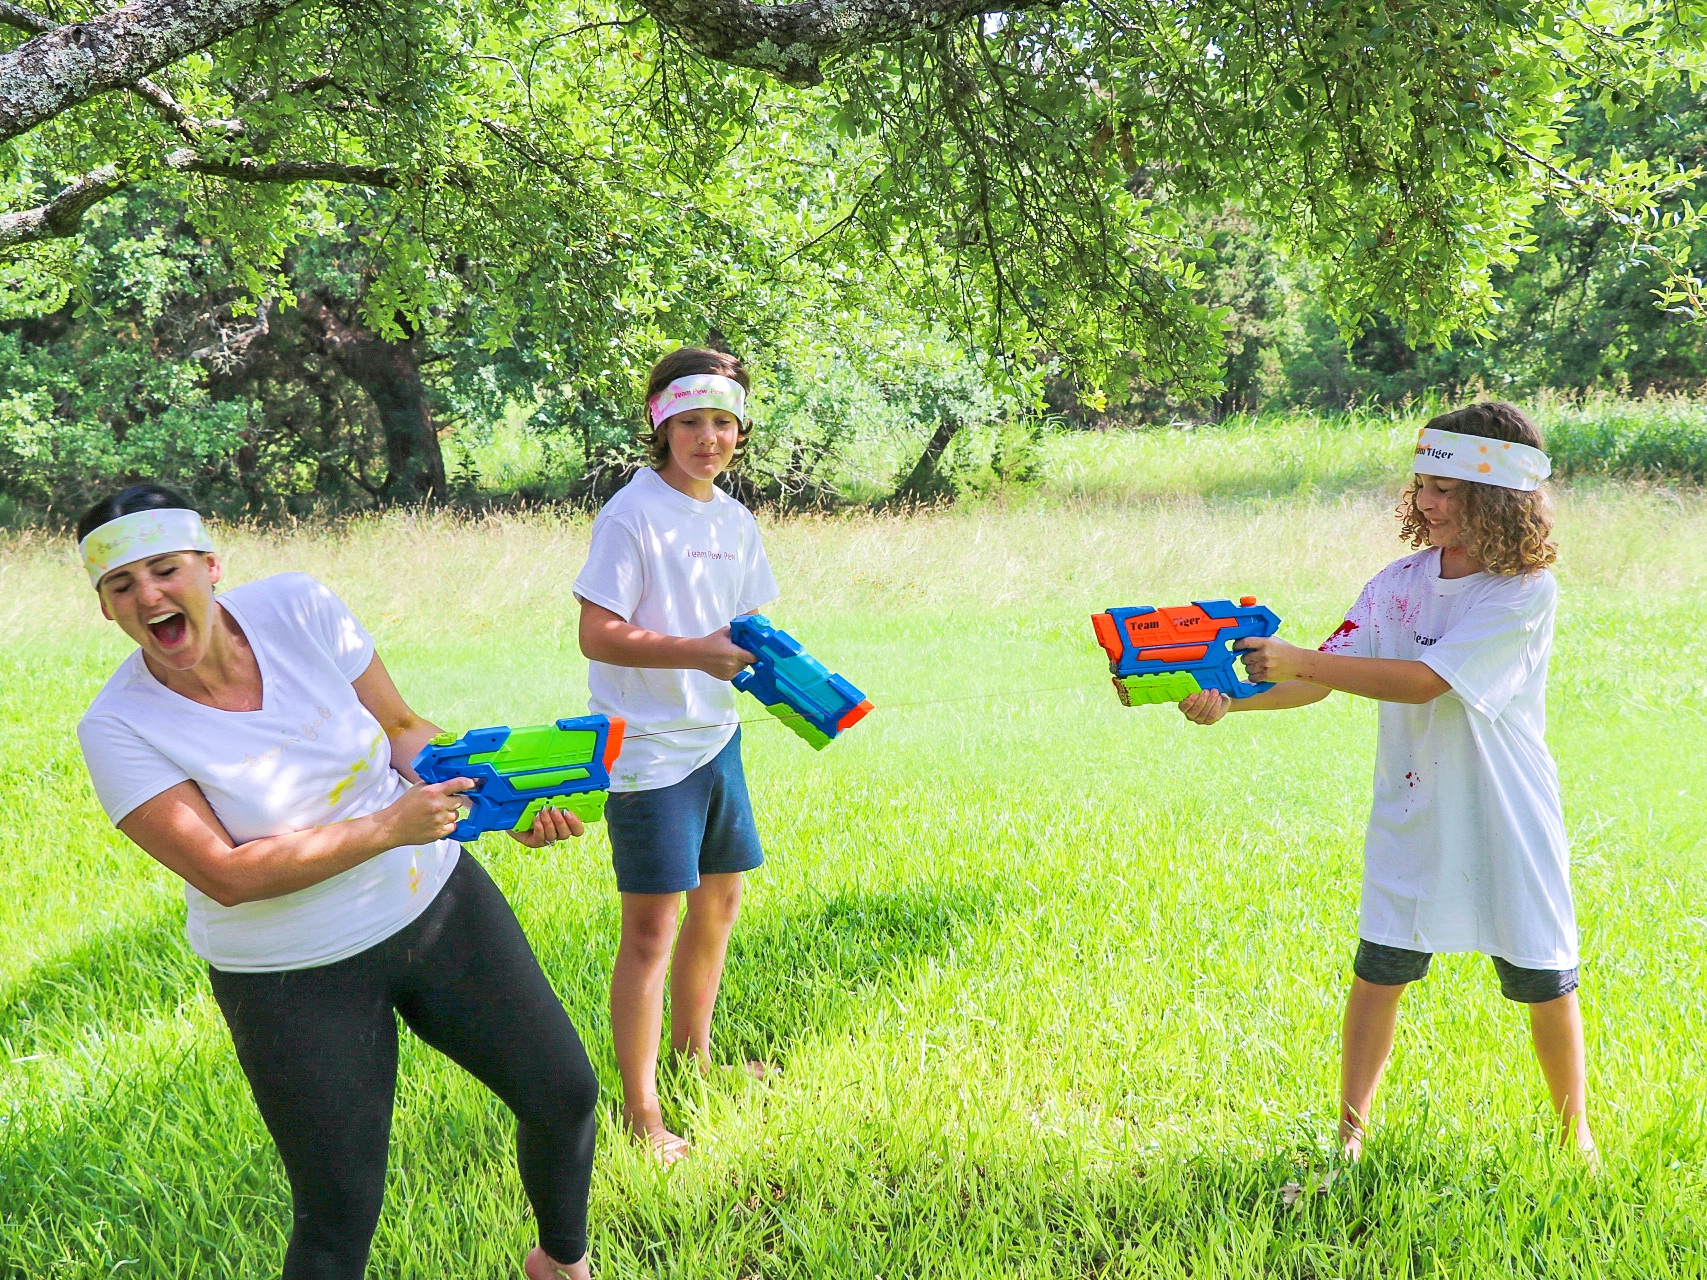 tie dye water gun fight (tie dye party ideas)